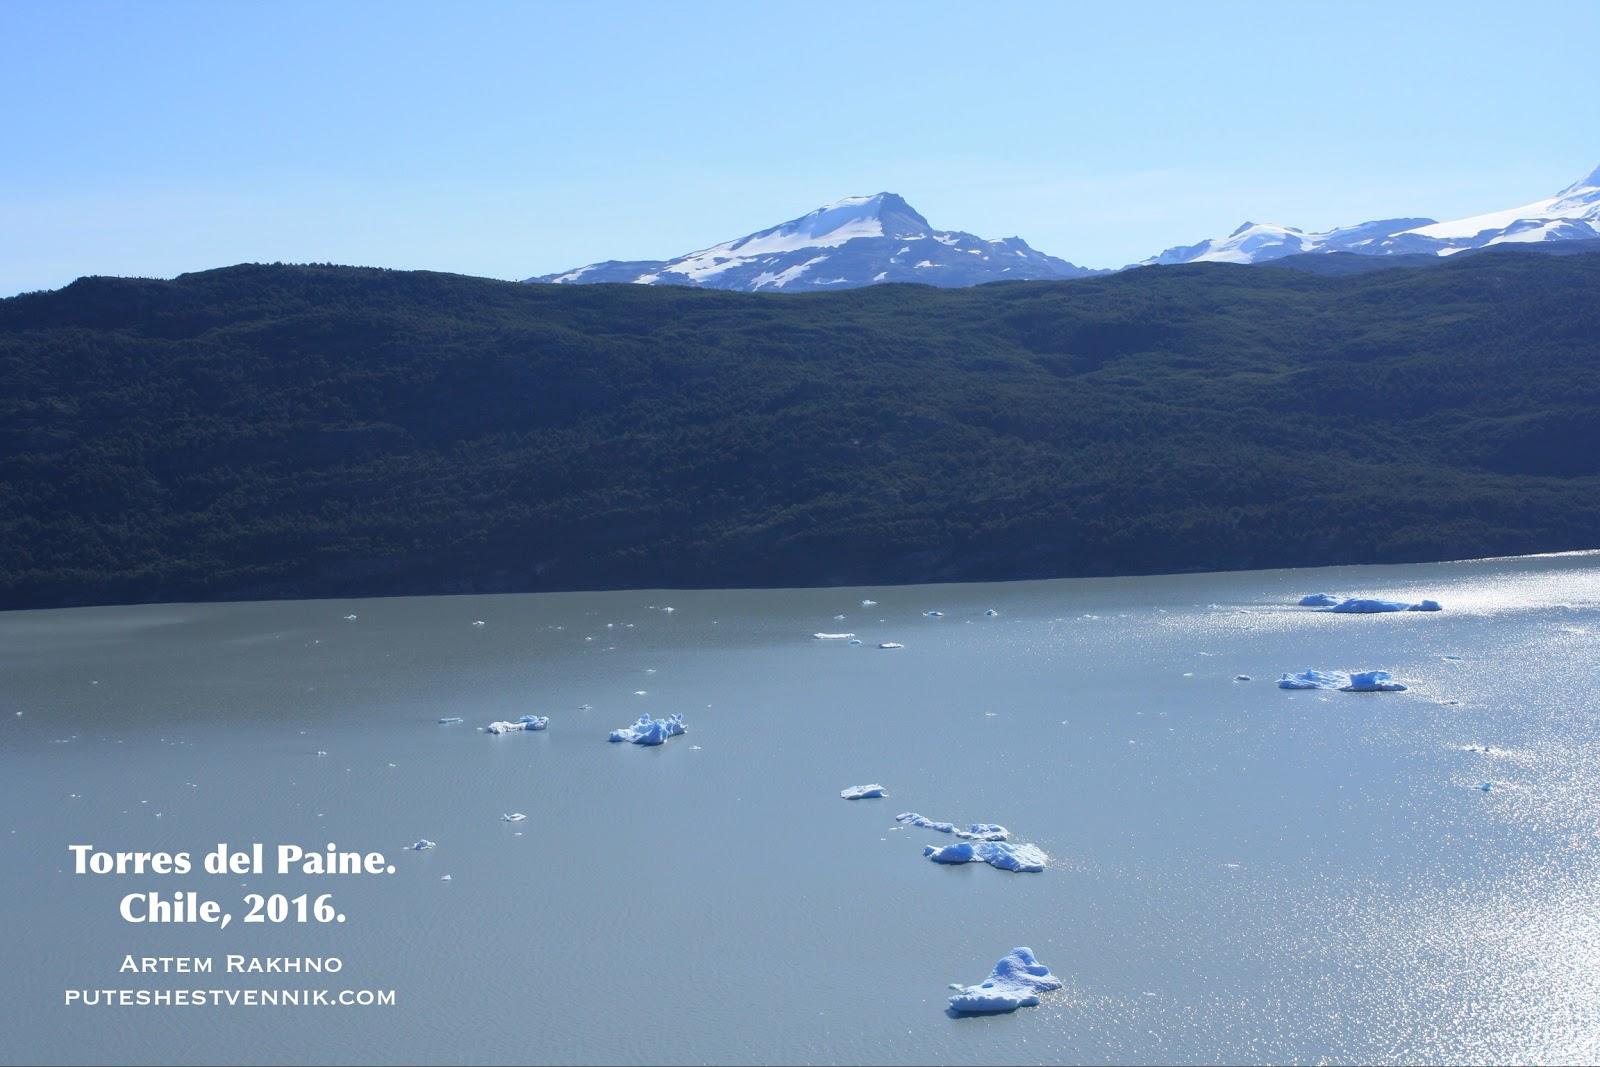 Айсберги на озере Грэй в Торрес-дель-Пайне